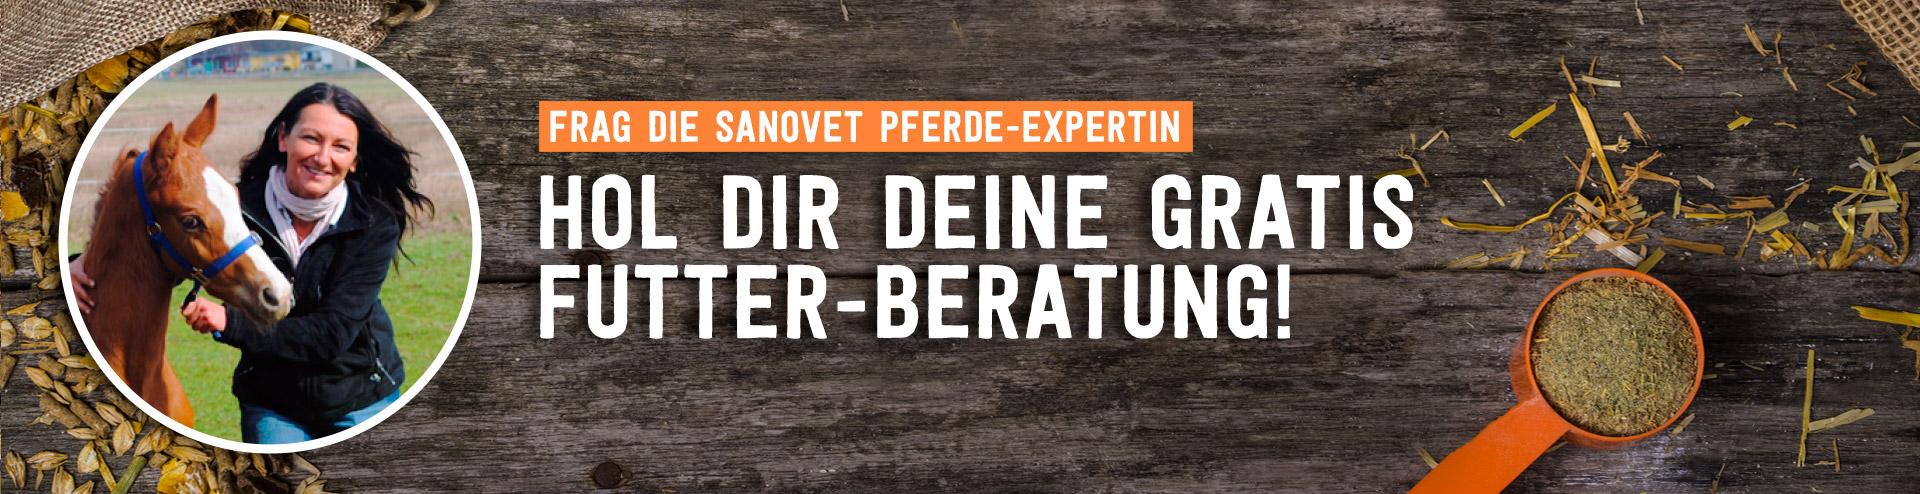 header_futterberatung